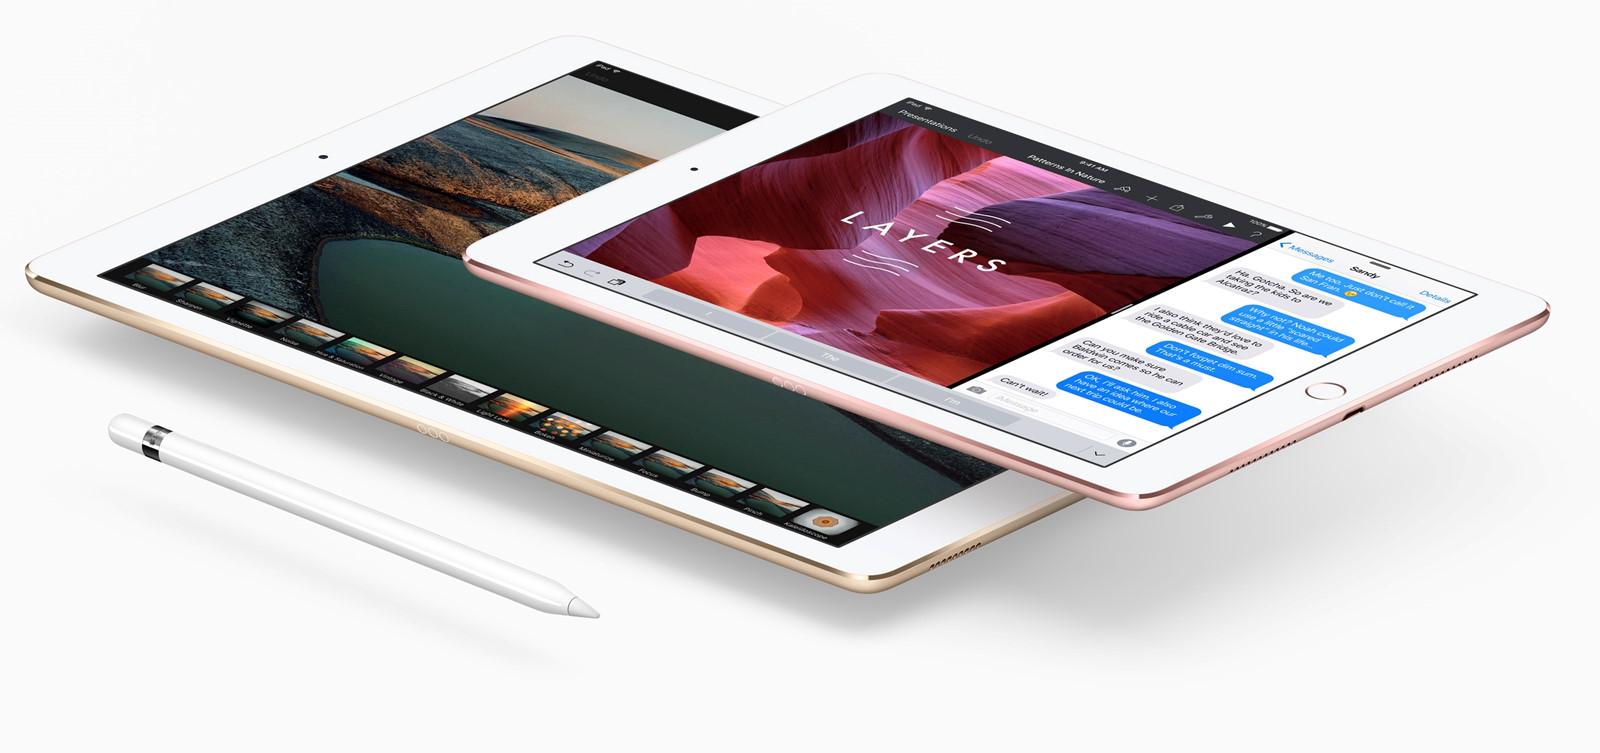 iPad thế hệ mới dự kiến trình làng tháng 3 năm 2017